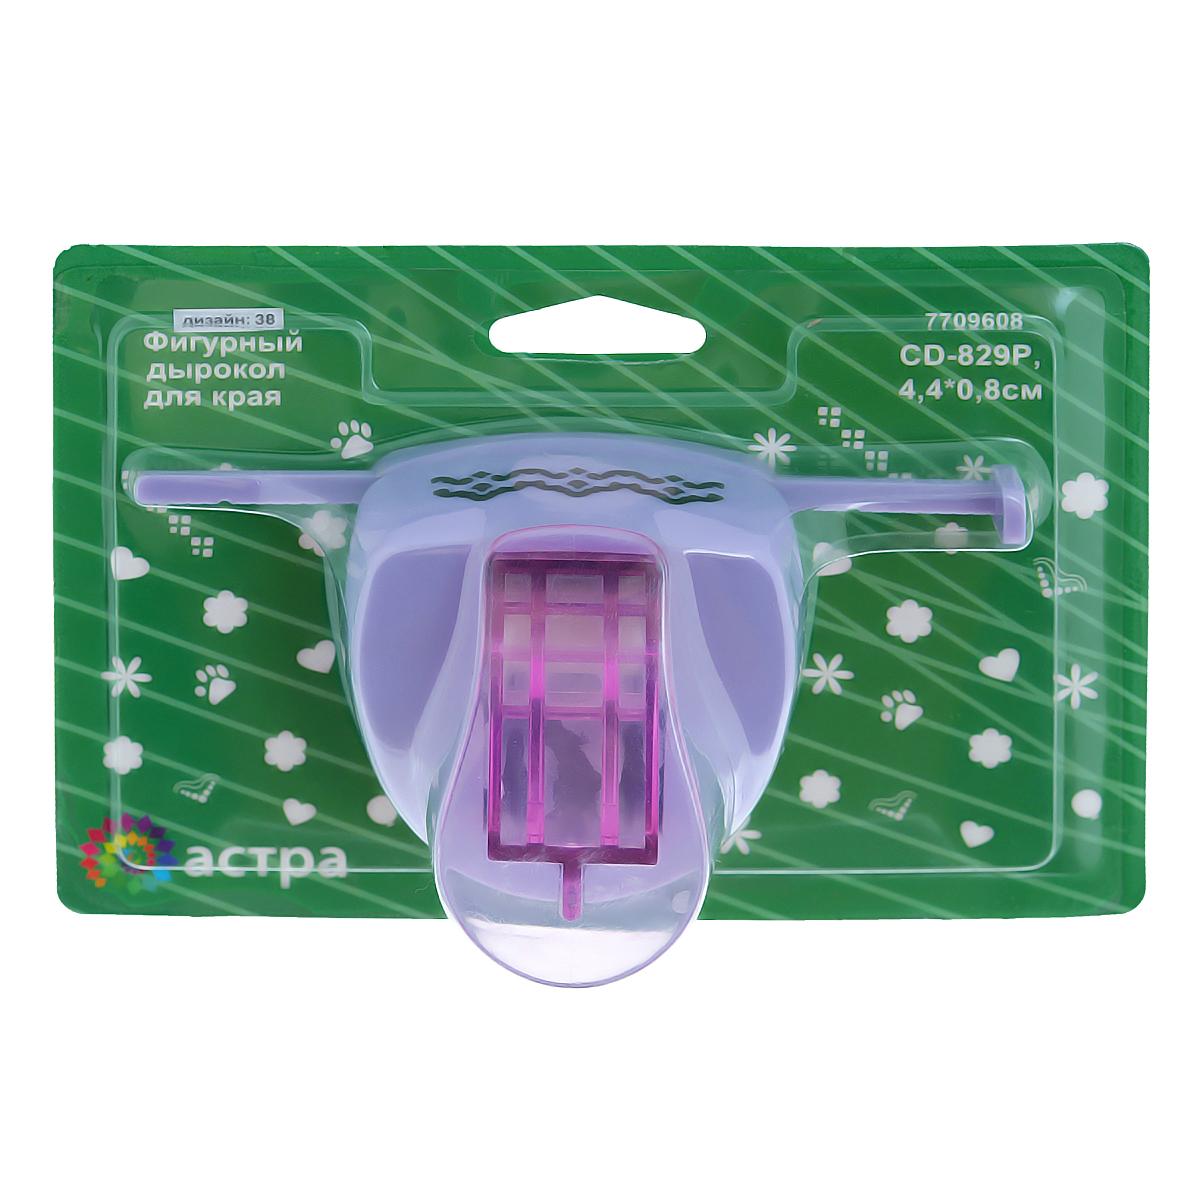 Дырокол фигурный Астра Волны, для края, №387709608_38Дырокол Астра Волны поможет вам легко, просто и аккуратно вырезать много одинаковых мелких фигурок.Встроенная линейка позволяет точно измерять расстояние от края листа.Режущие части компостера закрыты пластмассовым корпусом, что обеспечивает безопасность для детей. Можно использовать вырезанные мотивы как конфетти или для наклеивания.Дырокол подходит для разных техник: декупажа, скрапбукинга, декорирования.Размер дырокола: 13 см х 7 см х 5 см.